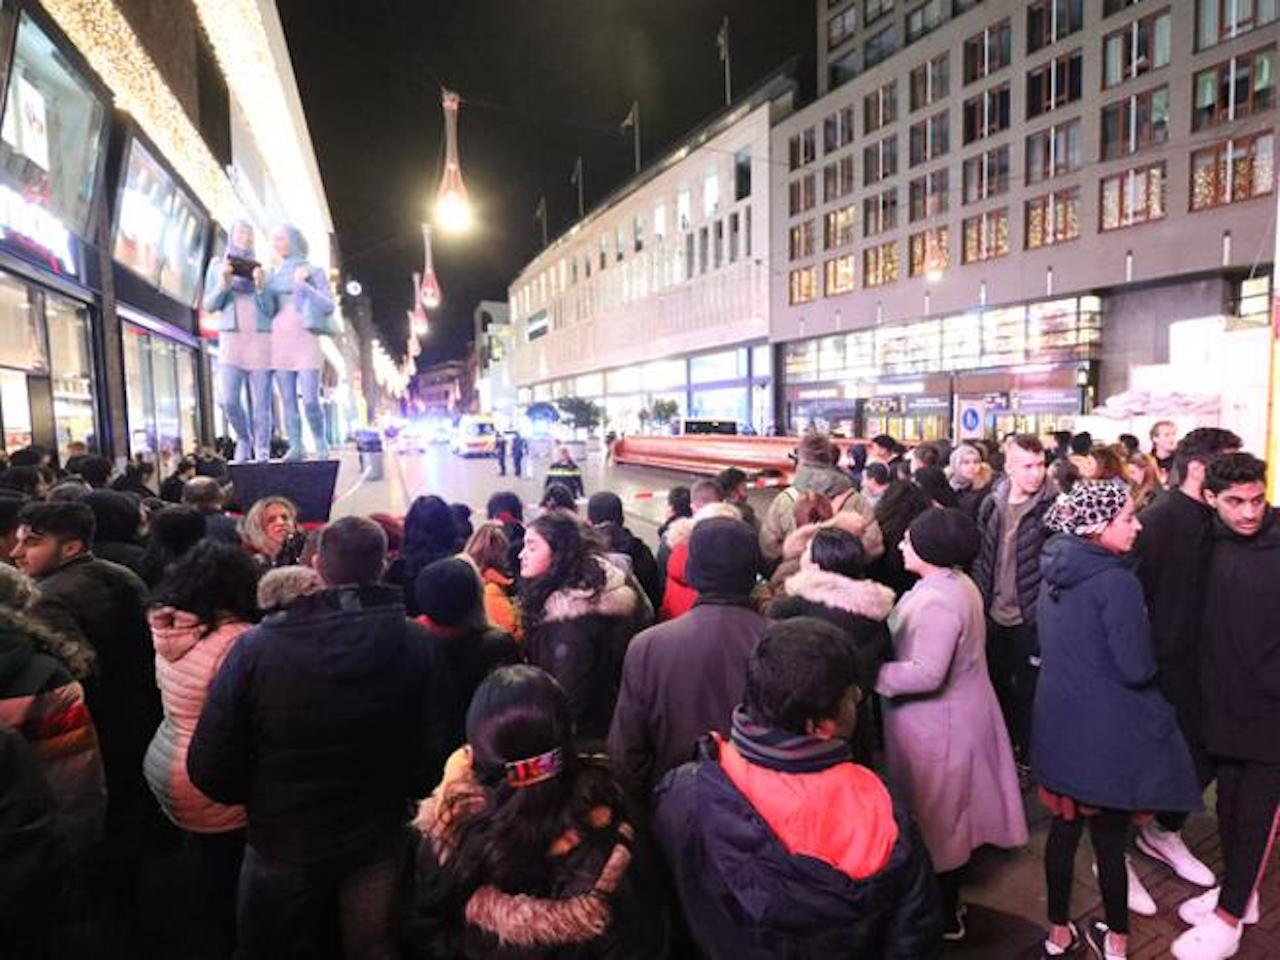 Parigi, allarme per un ordigno: evacuata la Gare du Nord